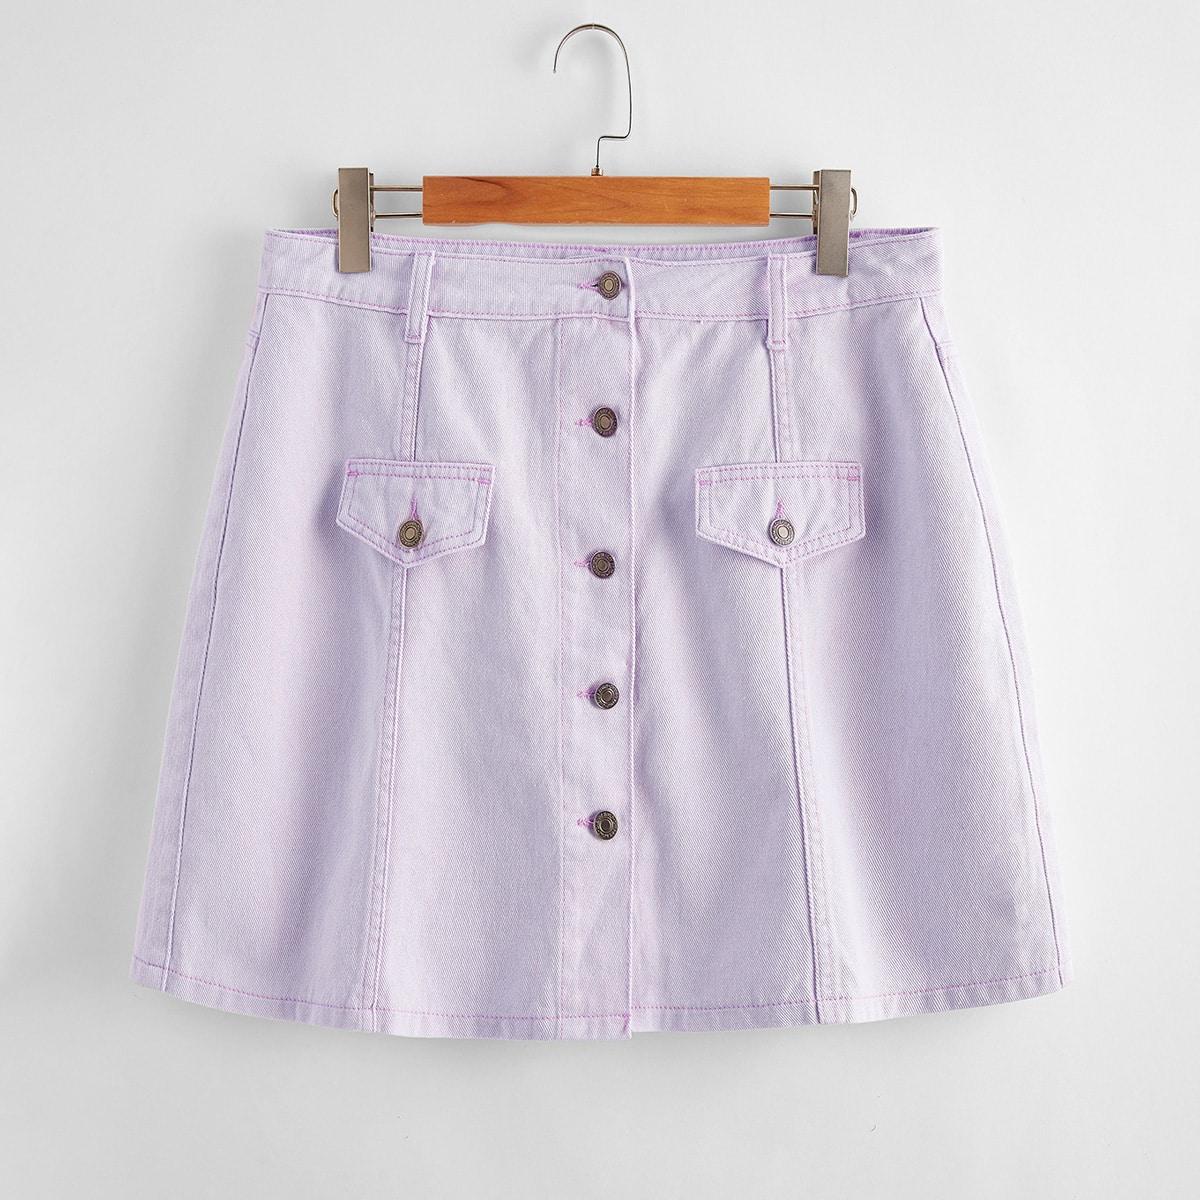 с карманами Одноцветный Повседневный Джинсовые юбки размер плюс